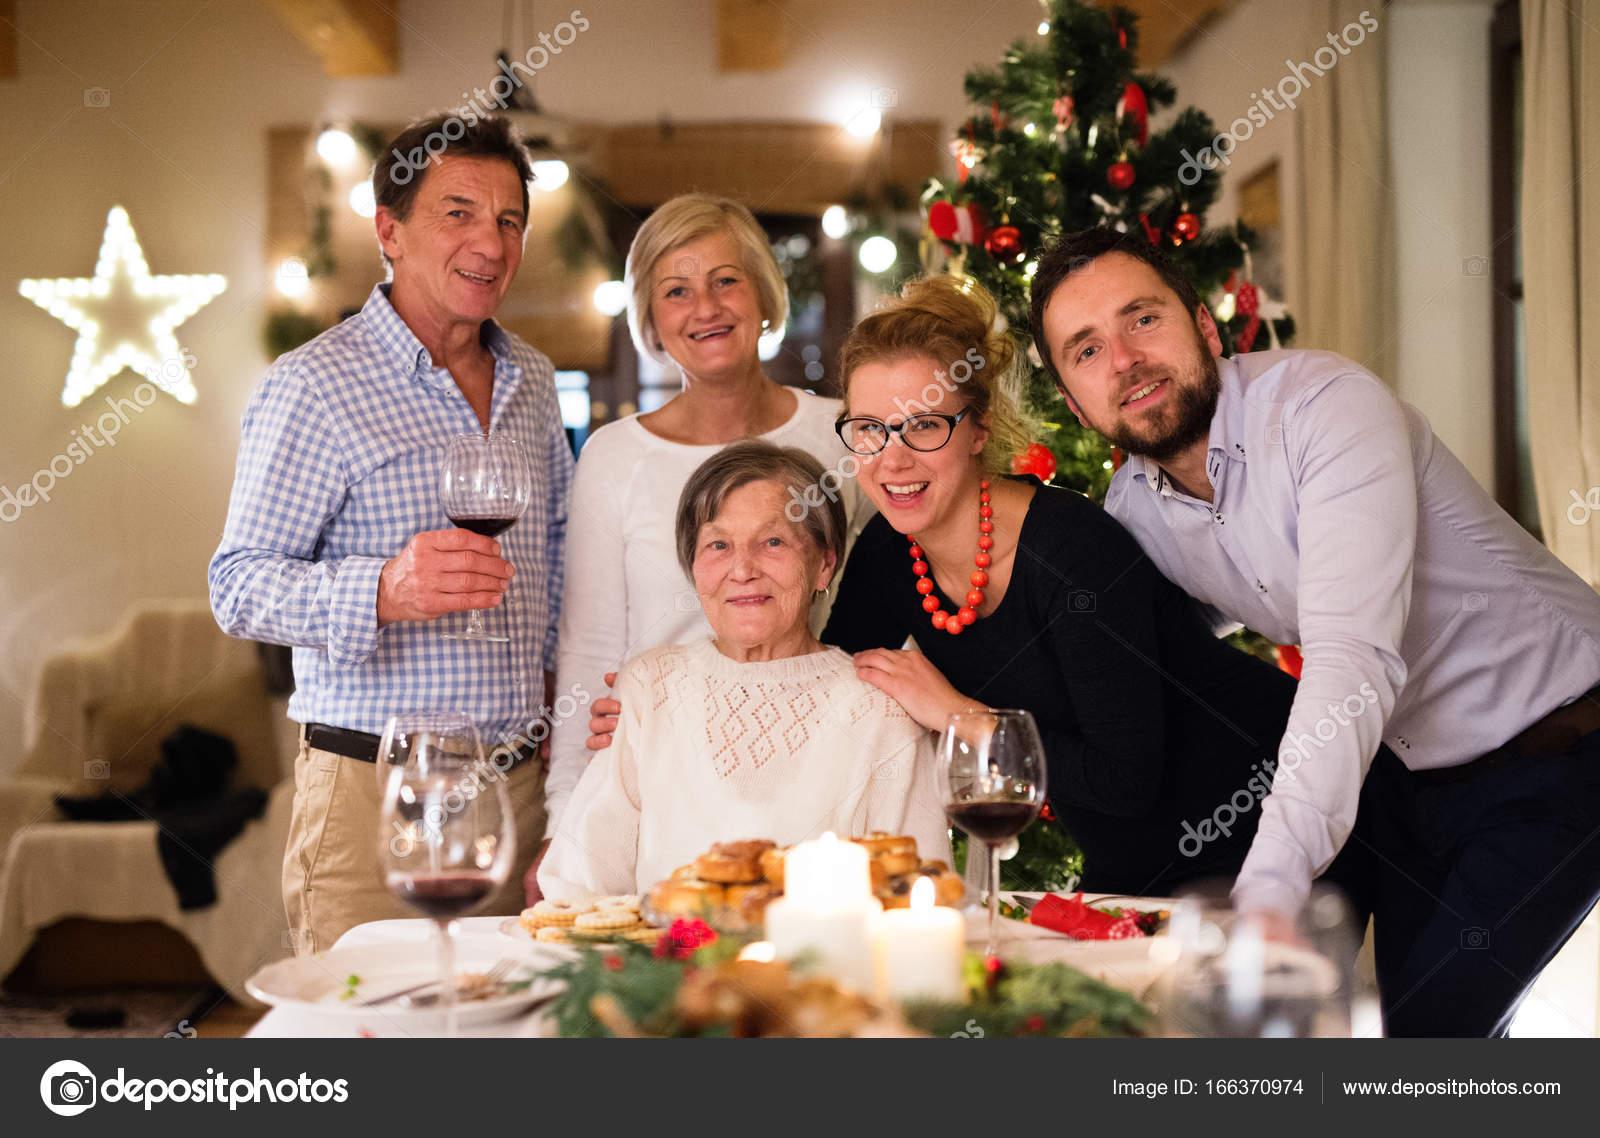 Weihnachten Feiern.Schöne Große Familie Weihnachten Feiern Stockfoto Halfpoint